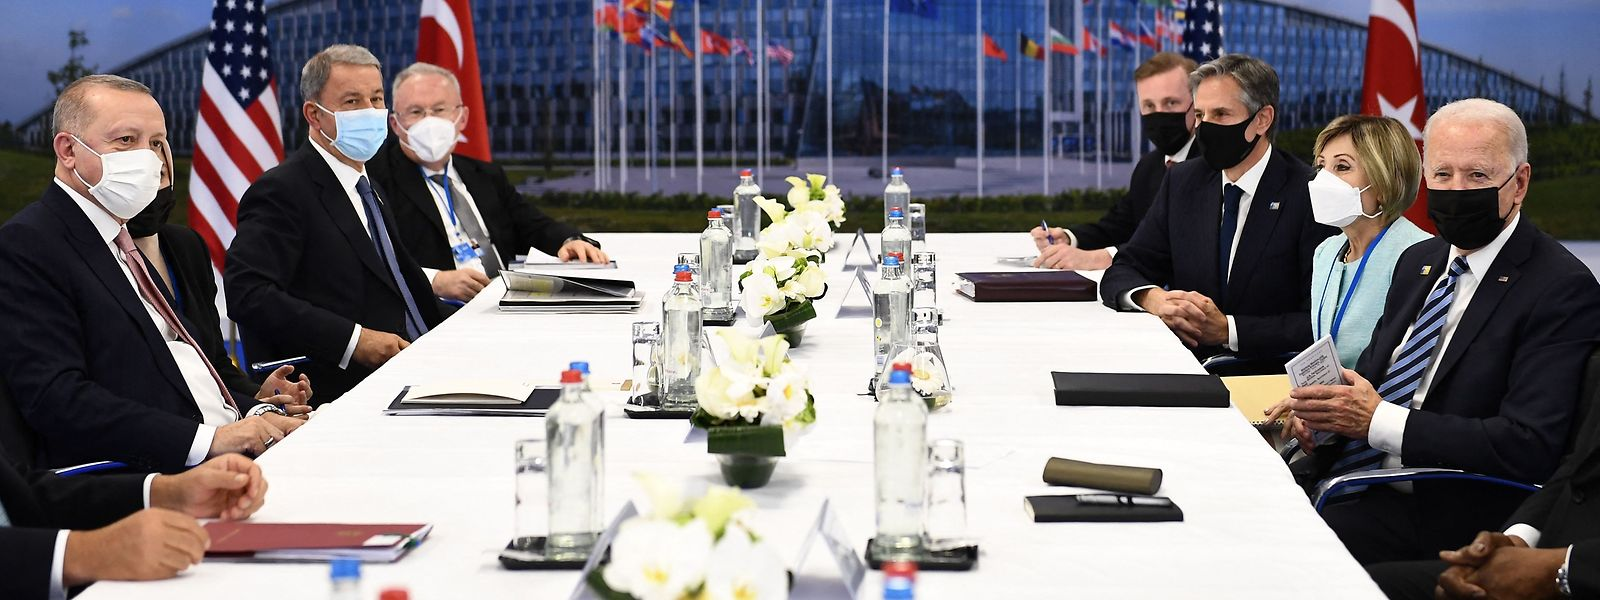 Am Rande des Gipfels fand eine Unterredung zwischen dem türkischen Präsidenten Recep Tayyip Erdogan und dem US-Präsidenten Joe Biden statt.